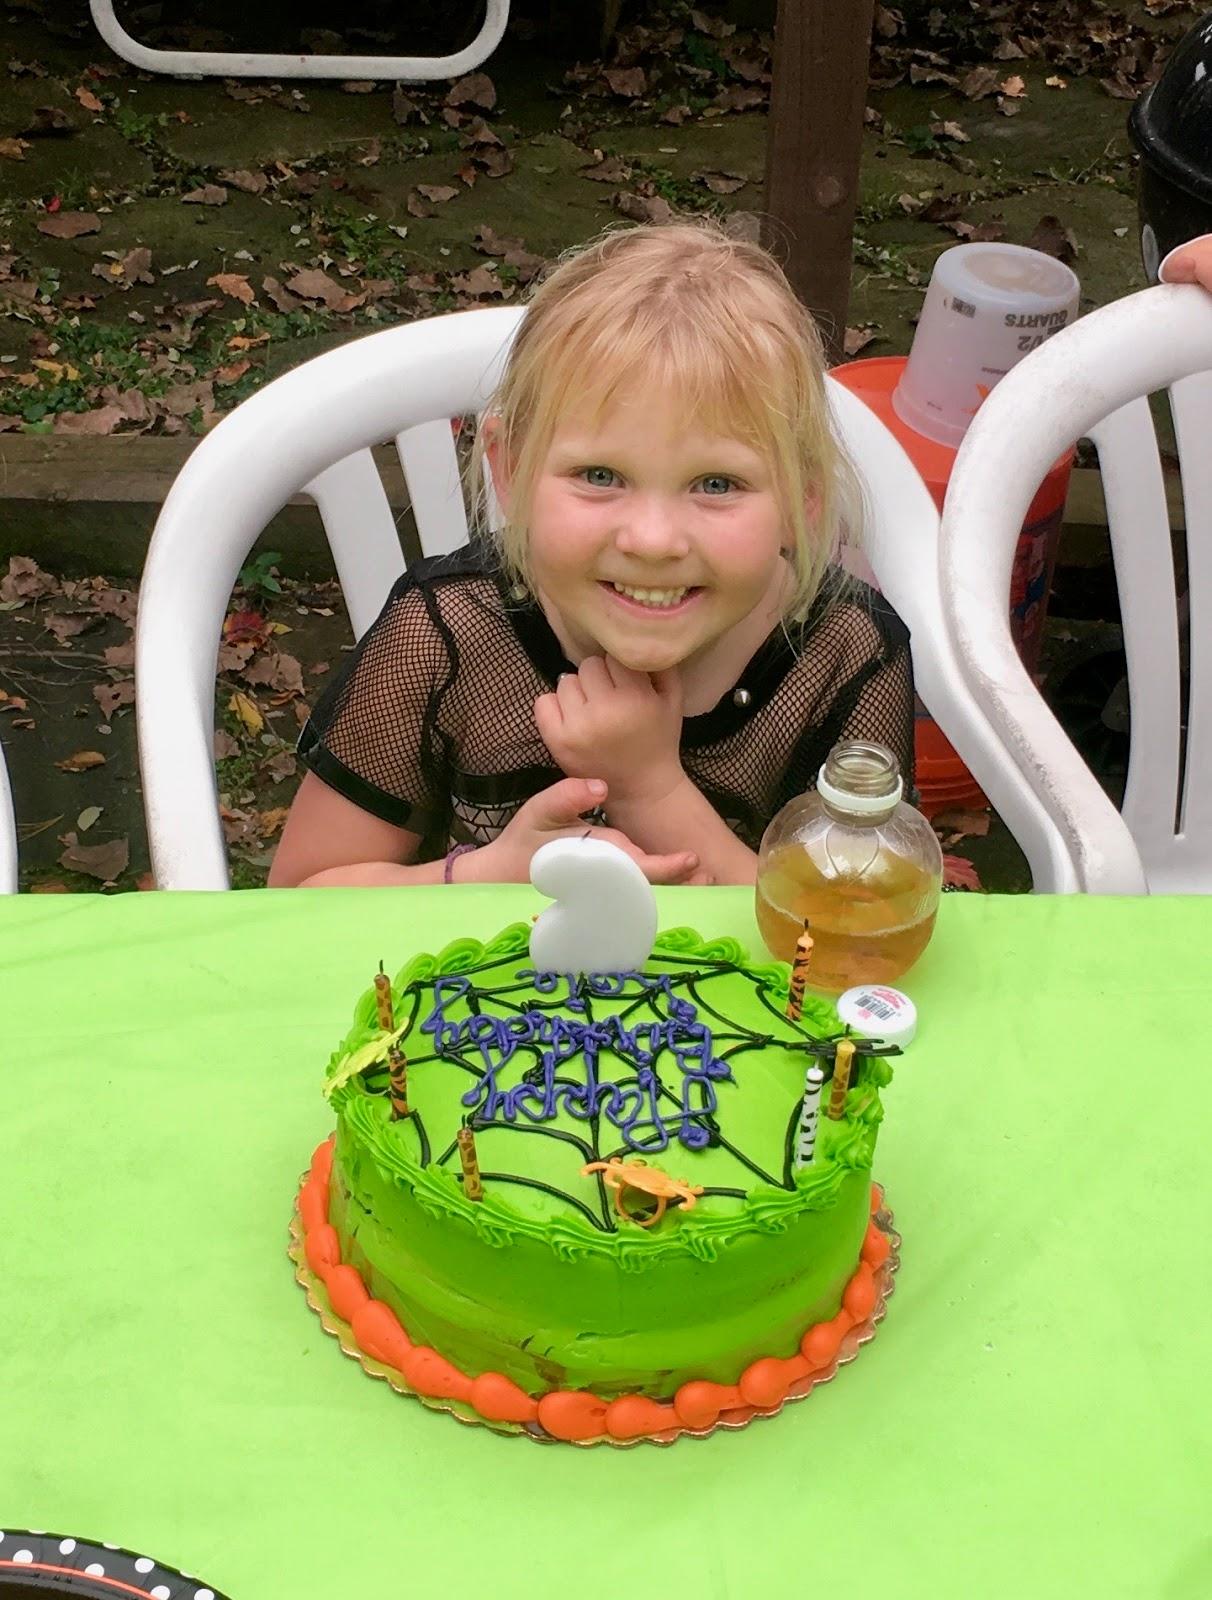 Lorelei's birthday